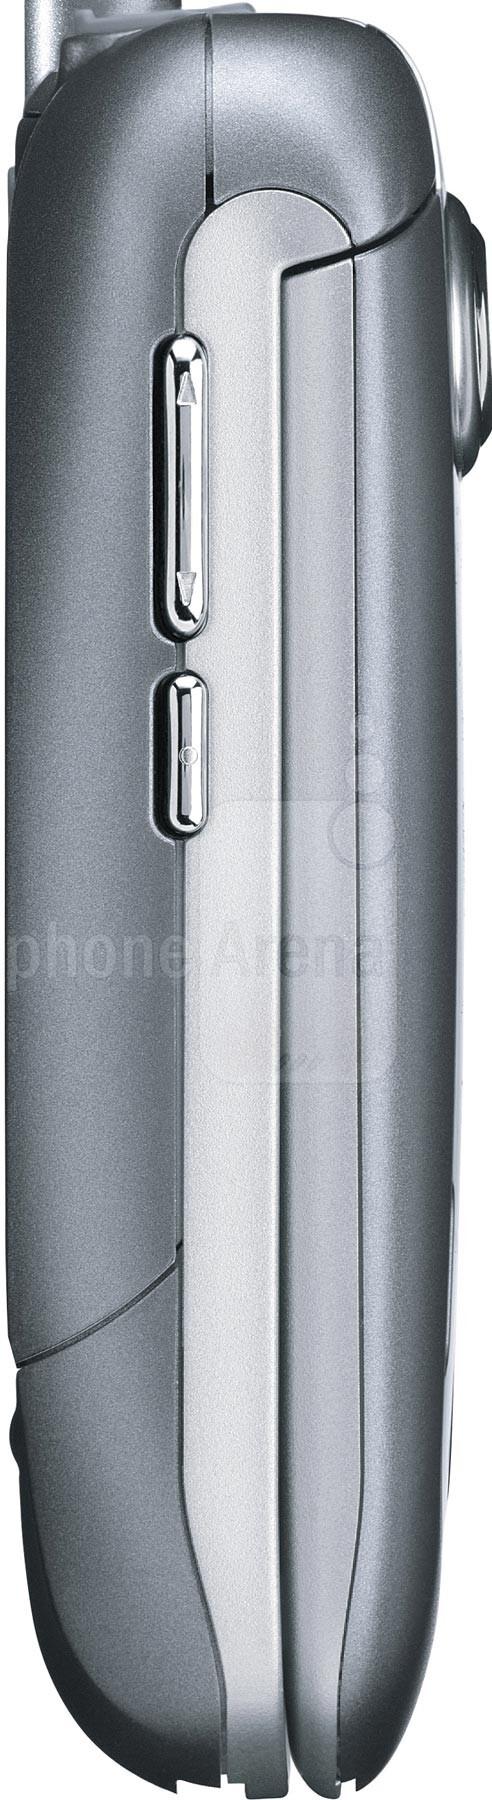 Motorola E815 / E816 Hollywood